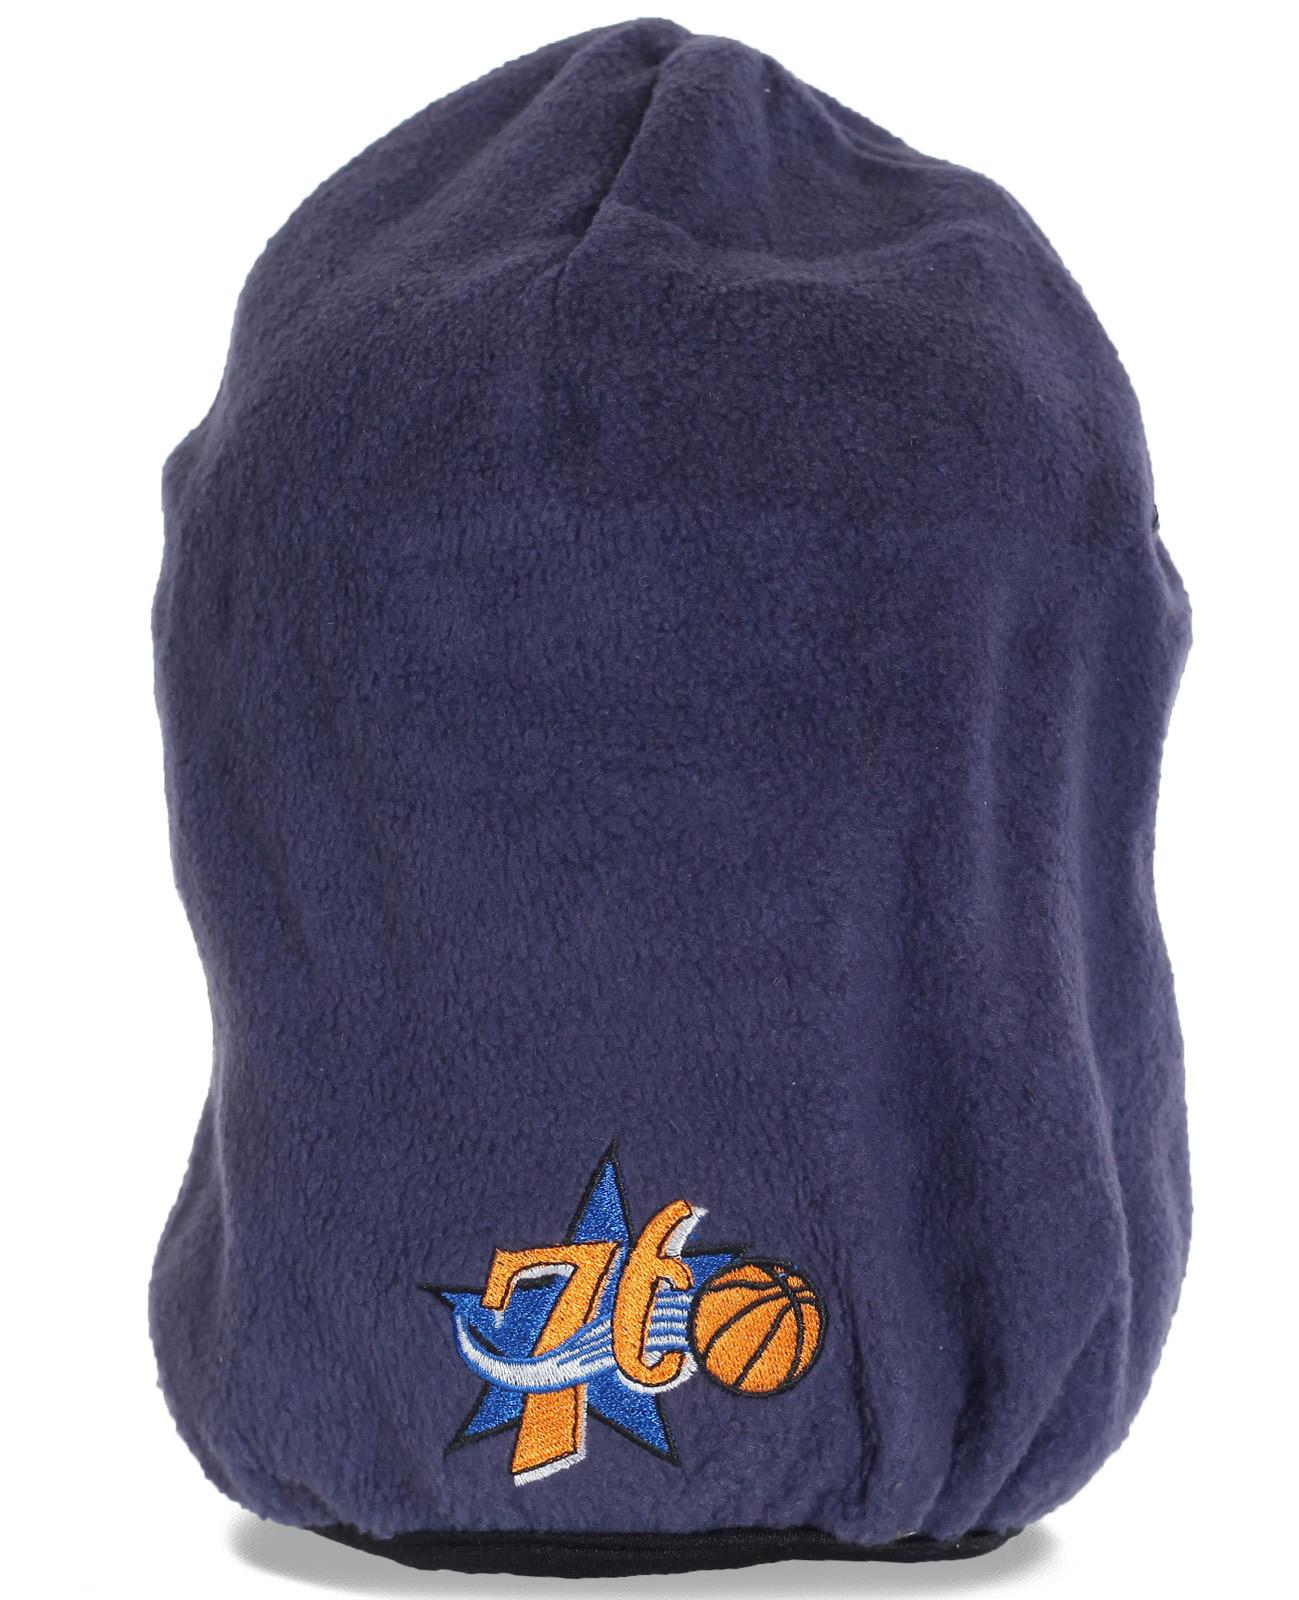 Оригинальная мужская флисовая шапка удлиненного фасона. Самое время купить и создать суперстильный и уникальный образ